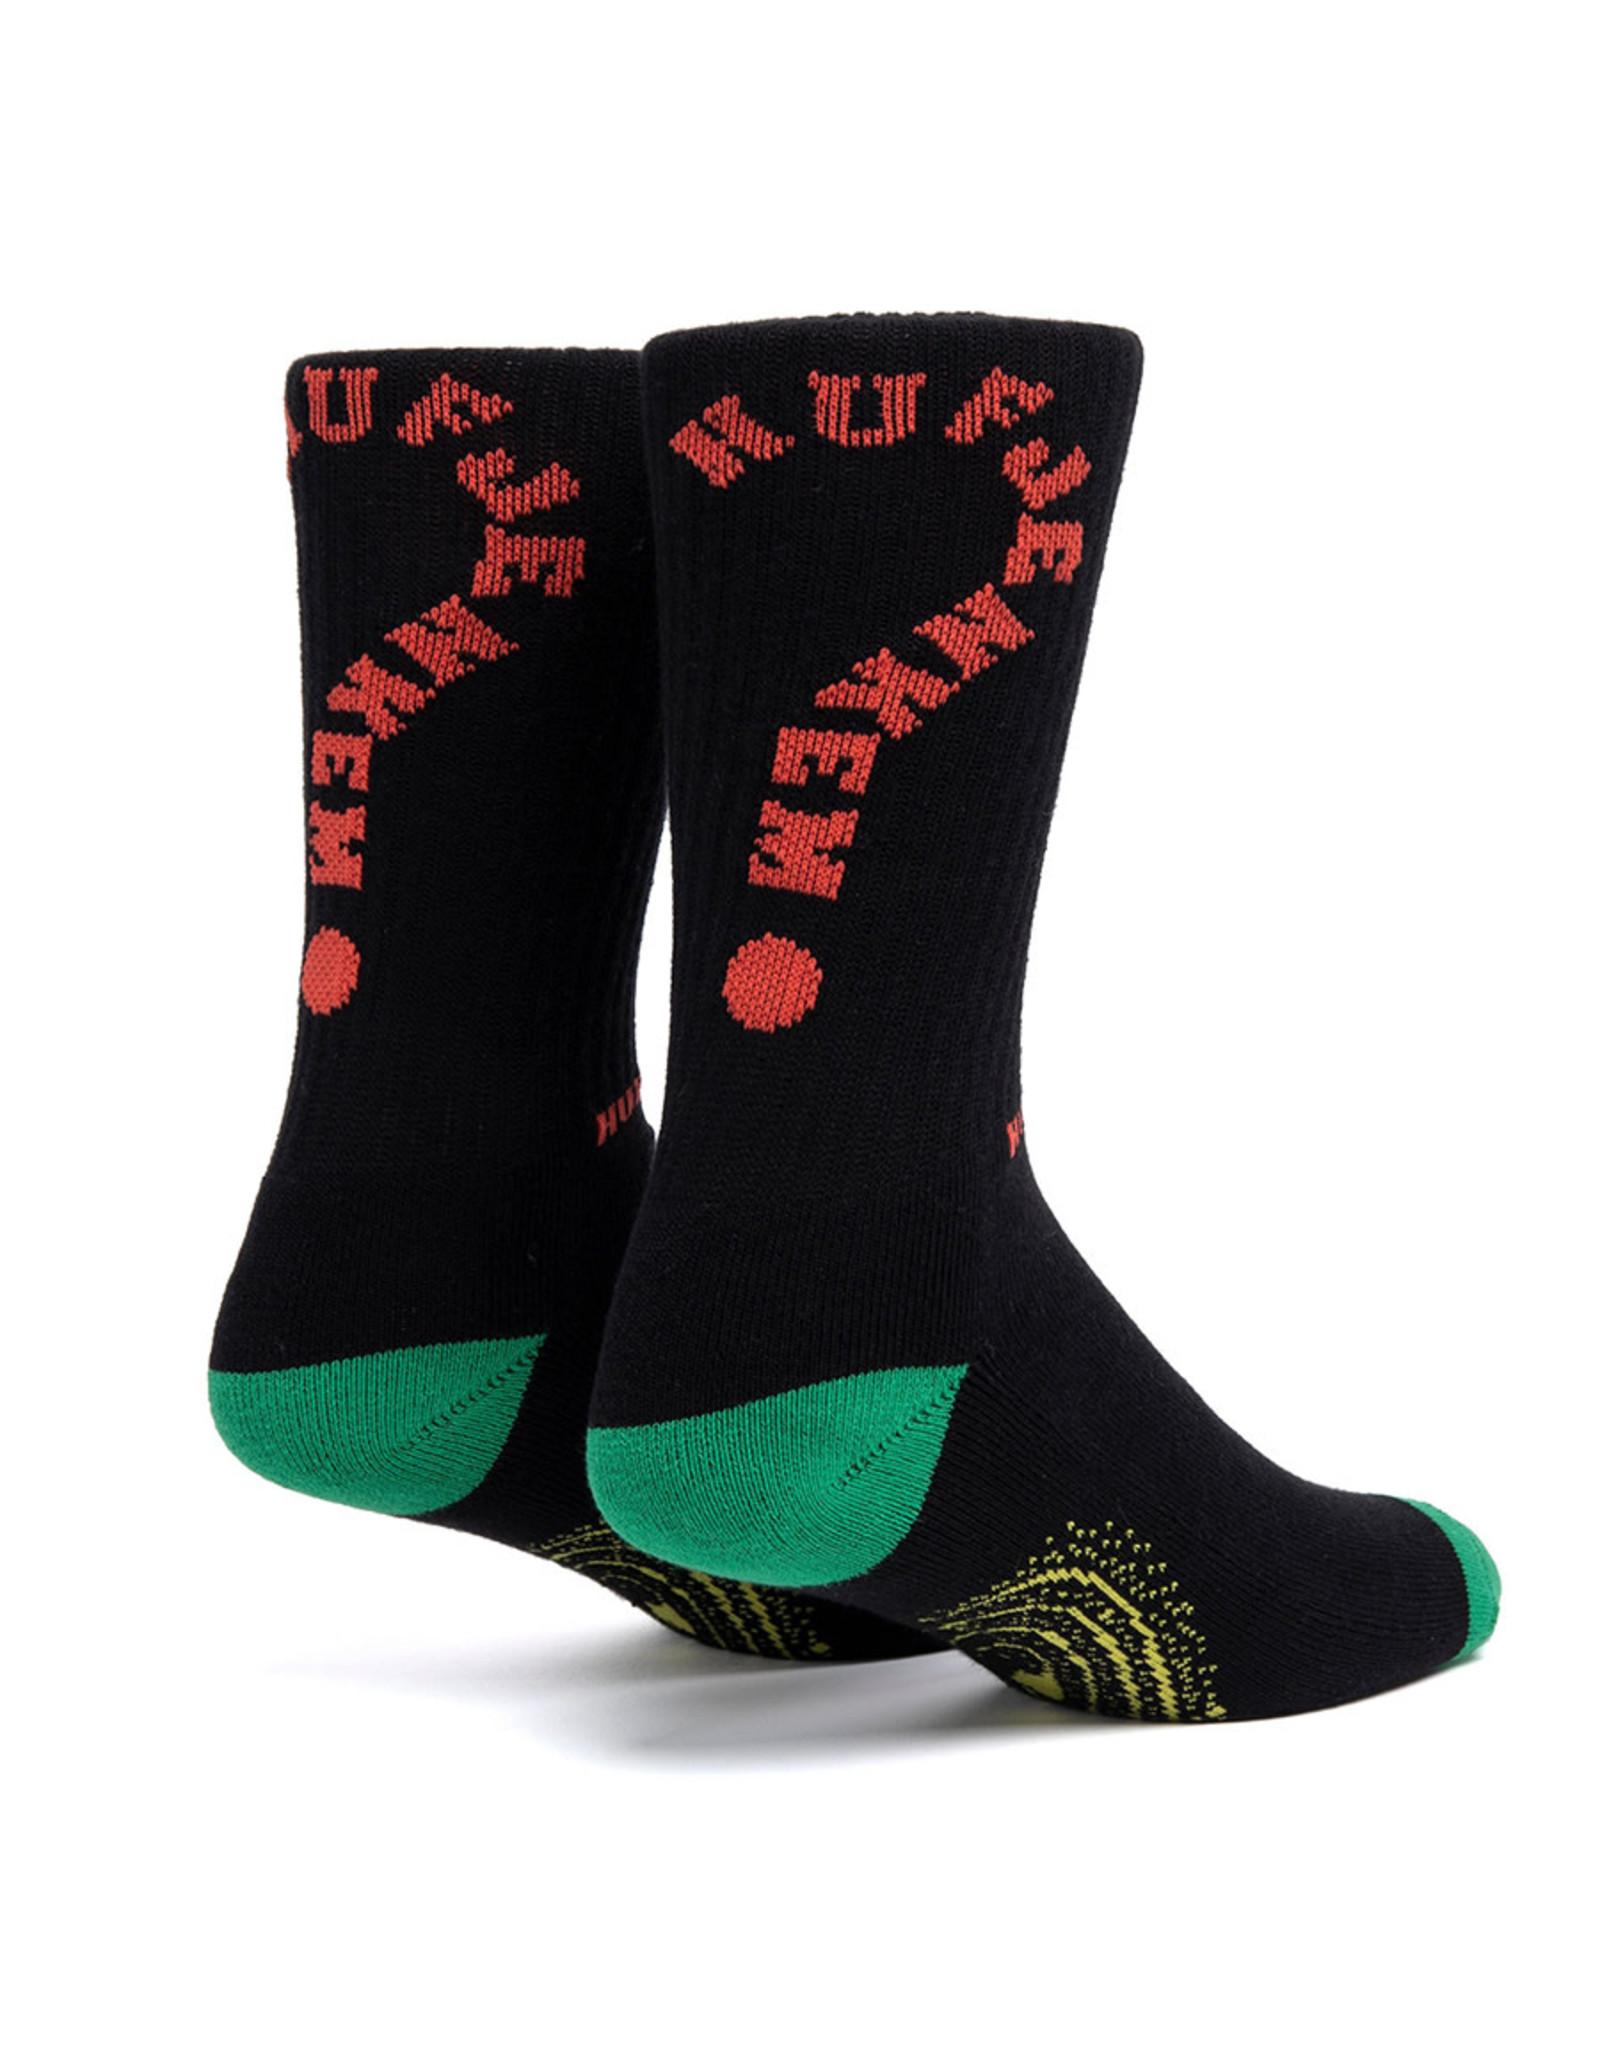 Huf Huf Socks X Jenkem Portal Crew (Black)